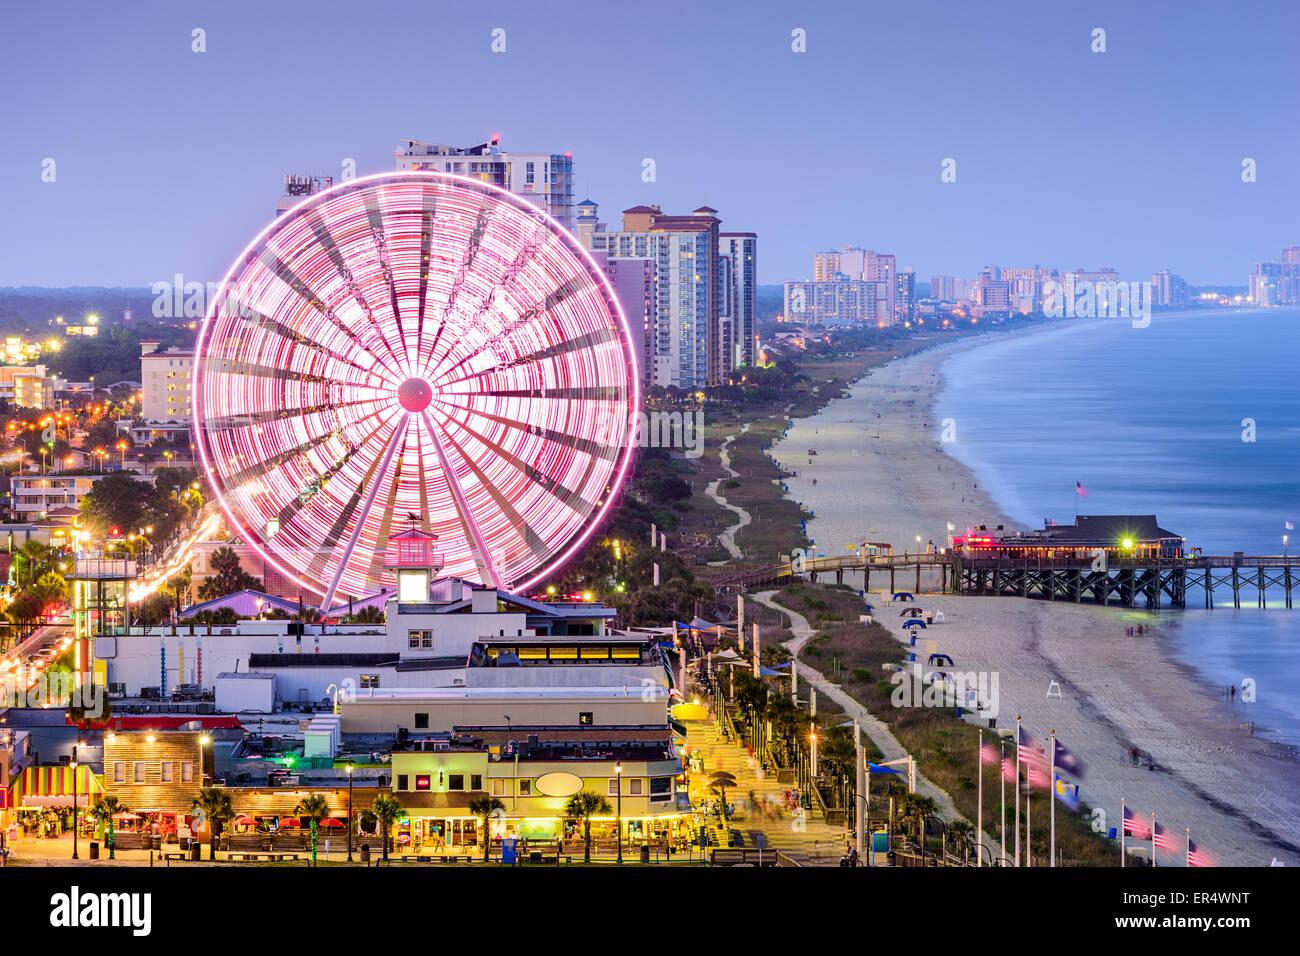 Myrtle Beach, Carolina del Sur, EE.UU., el horizonte de la ciudad. Imagen De Stock